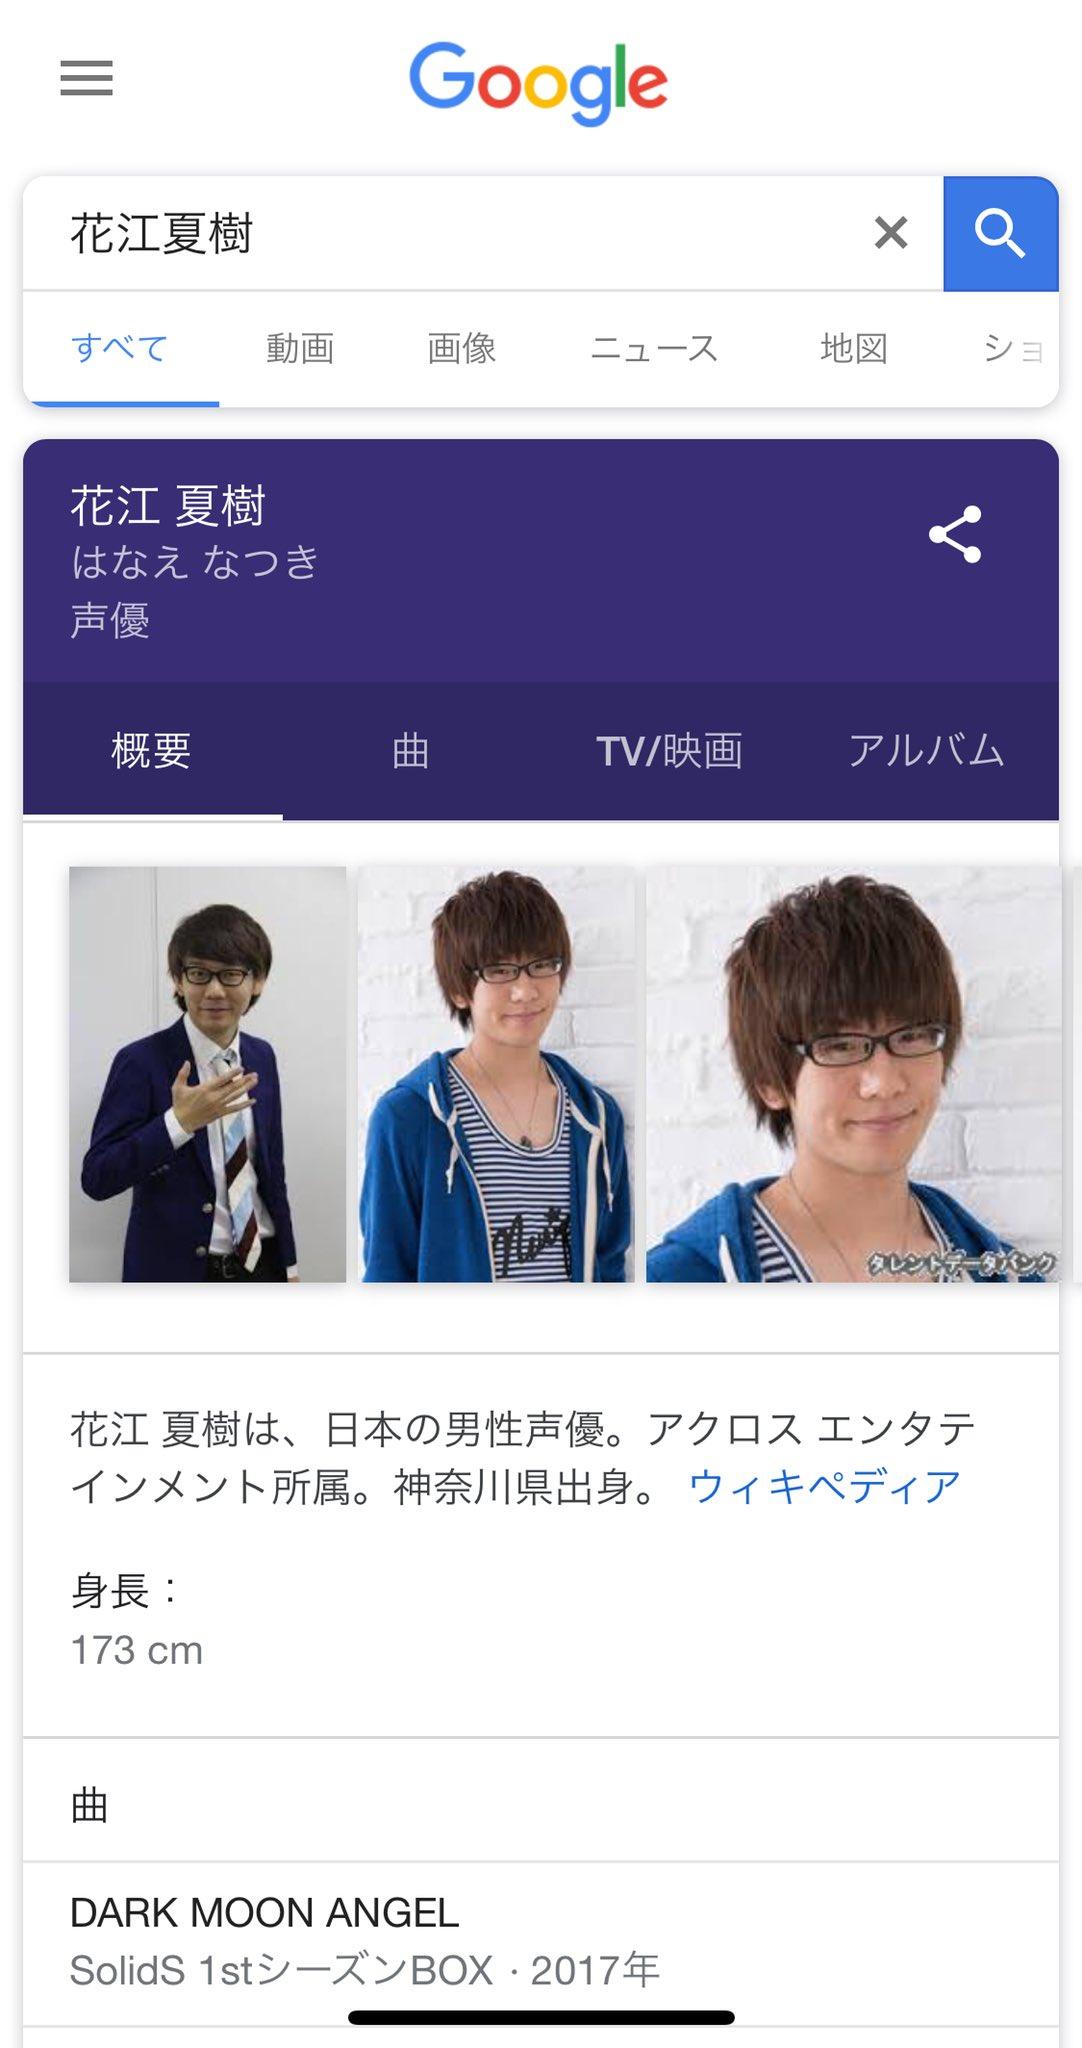 성우 하나에 나츠키가 자신의 트위터에 올린 구글 검..